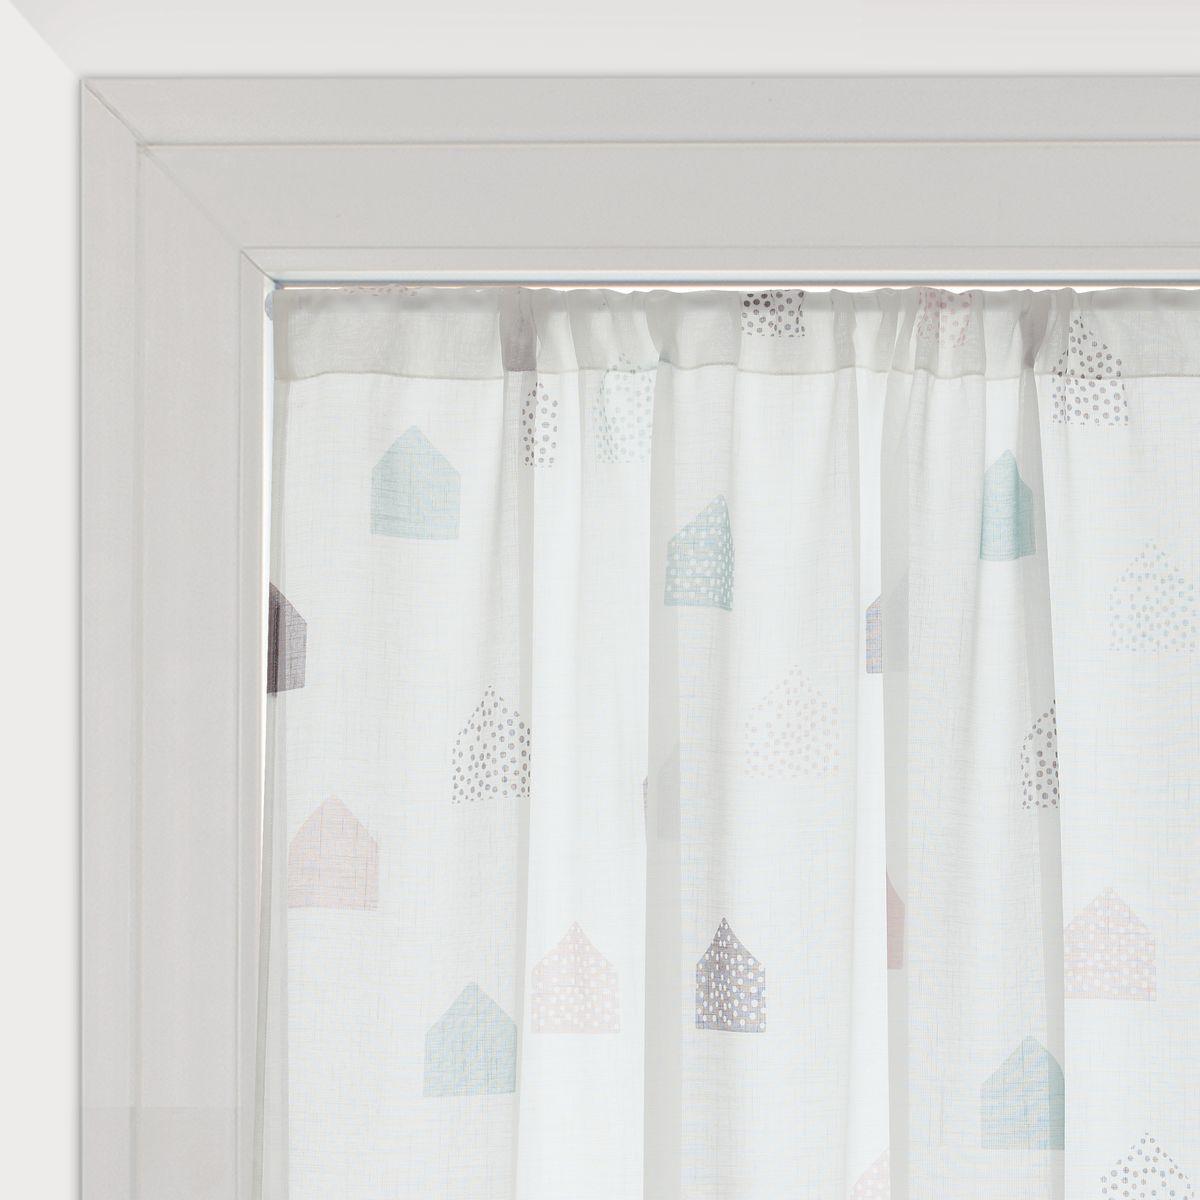 Tendine a vetro coppia tendine a vetro per finestra fancy - Pellicola oscurante vetri casa leroy merlin ...